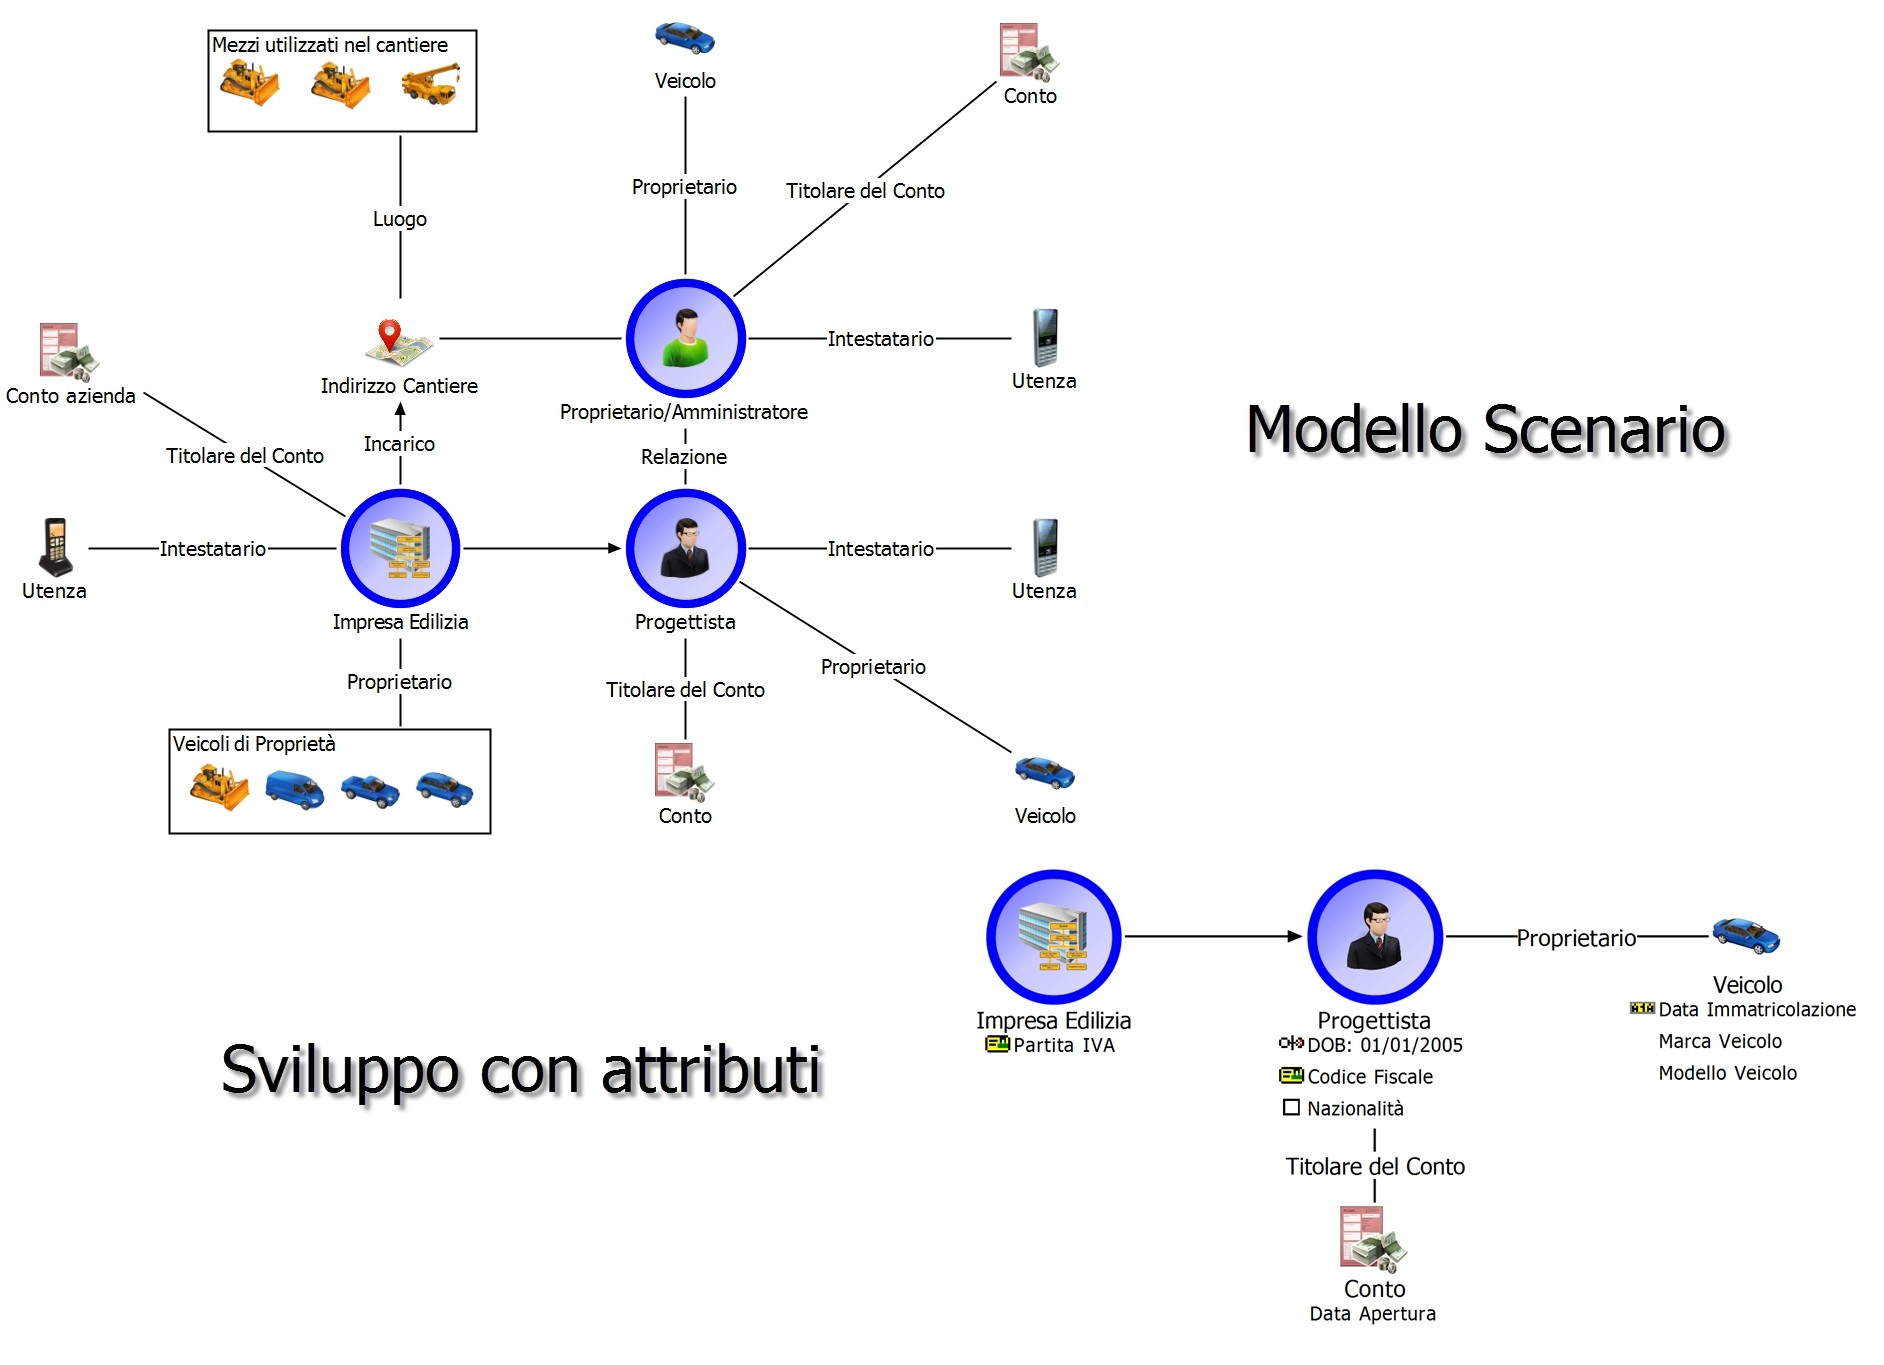 web_01_Modello_scenario_post_terremoto_pag_4_unito